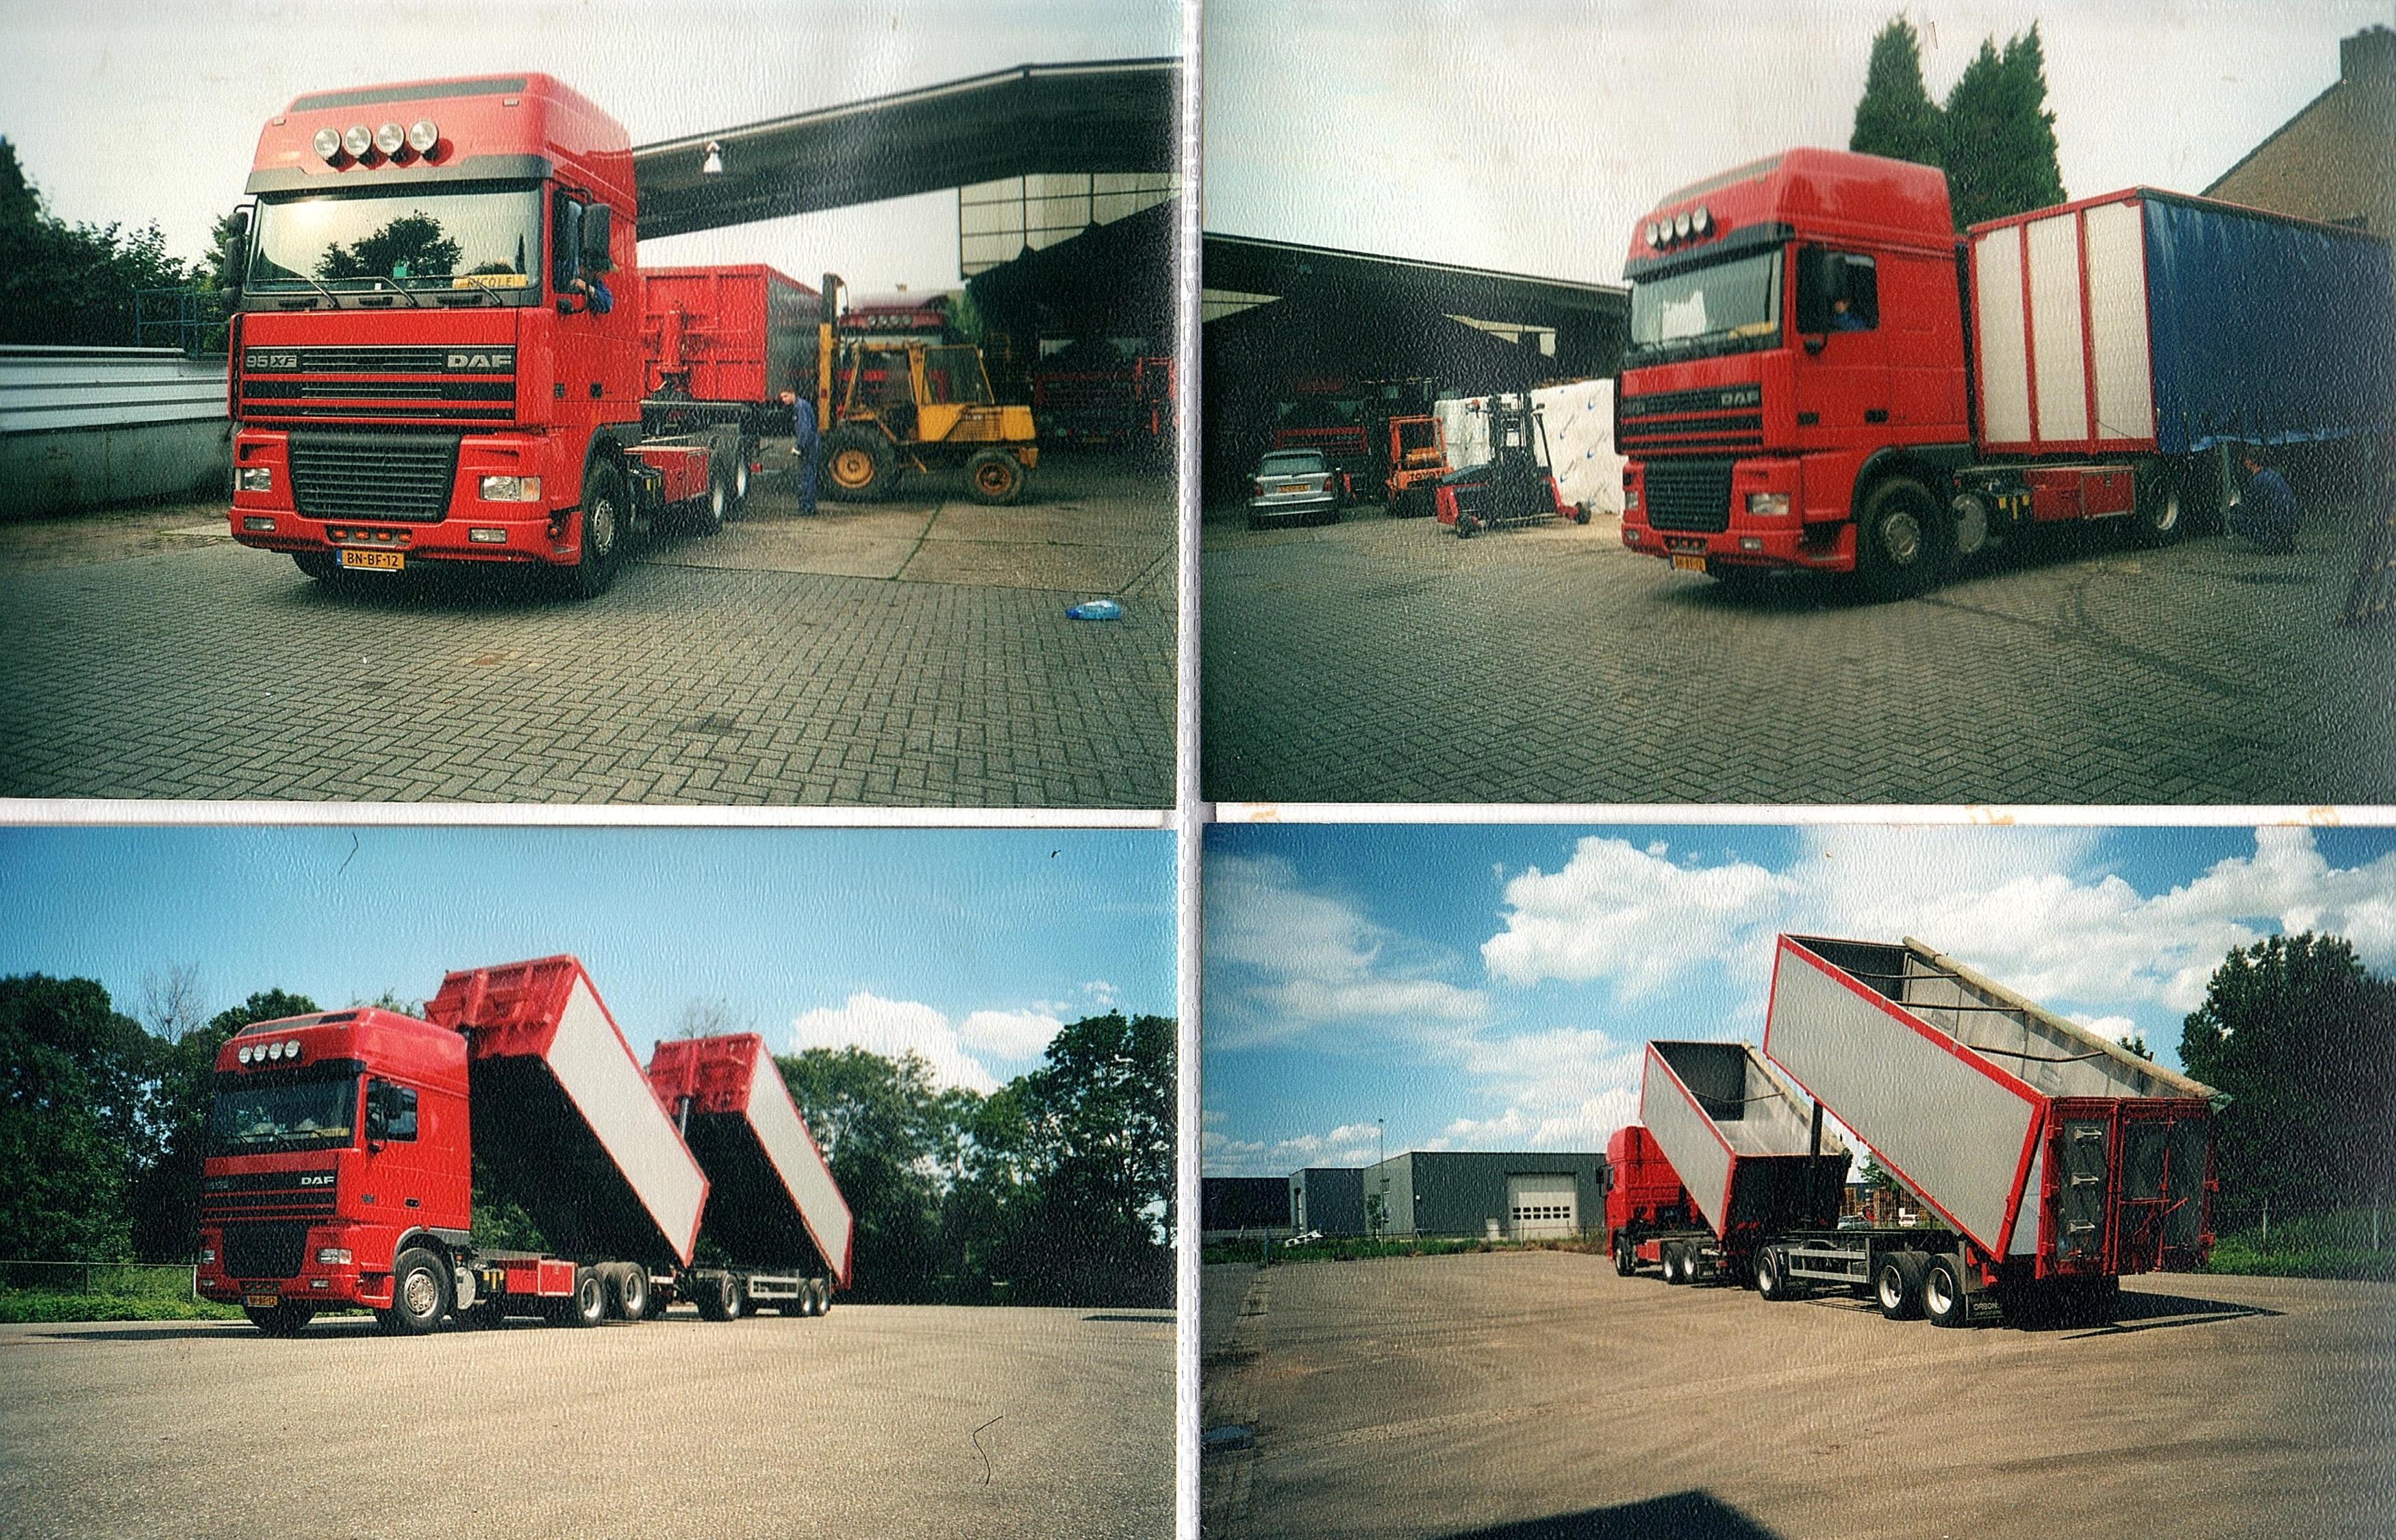 Daf-Brasse-ulestraten-container-opbouw.-2